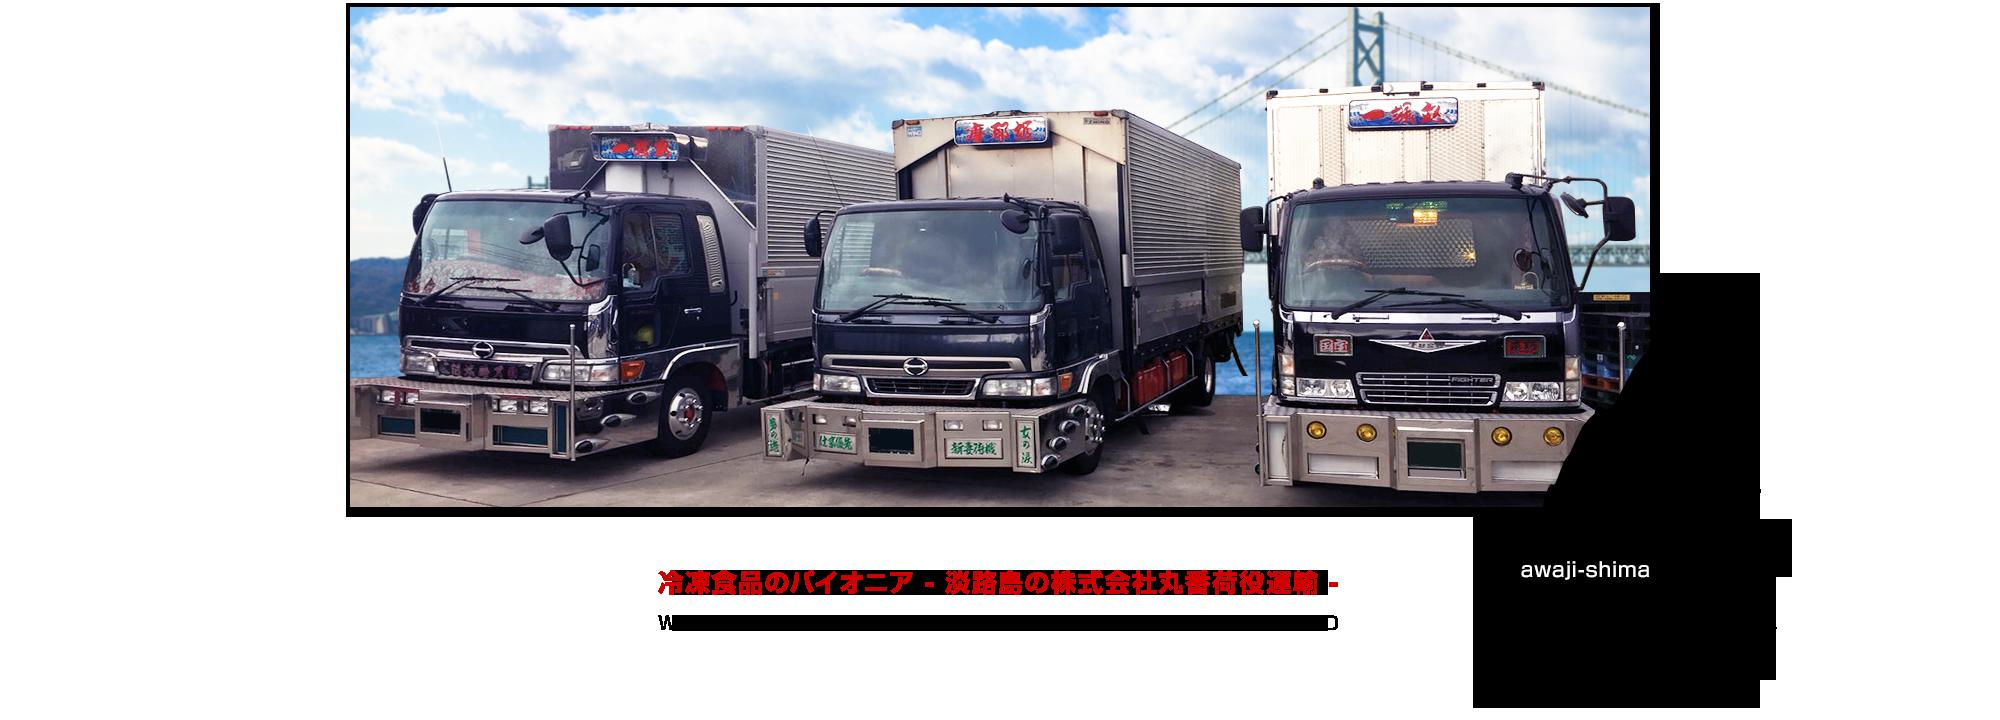 冷凍食品のパイオニア - 淡路島の株式会社丸番荷役運輸 -